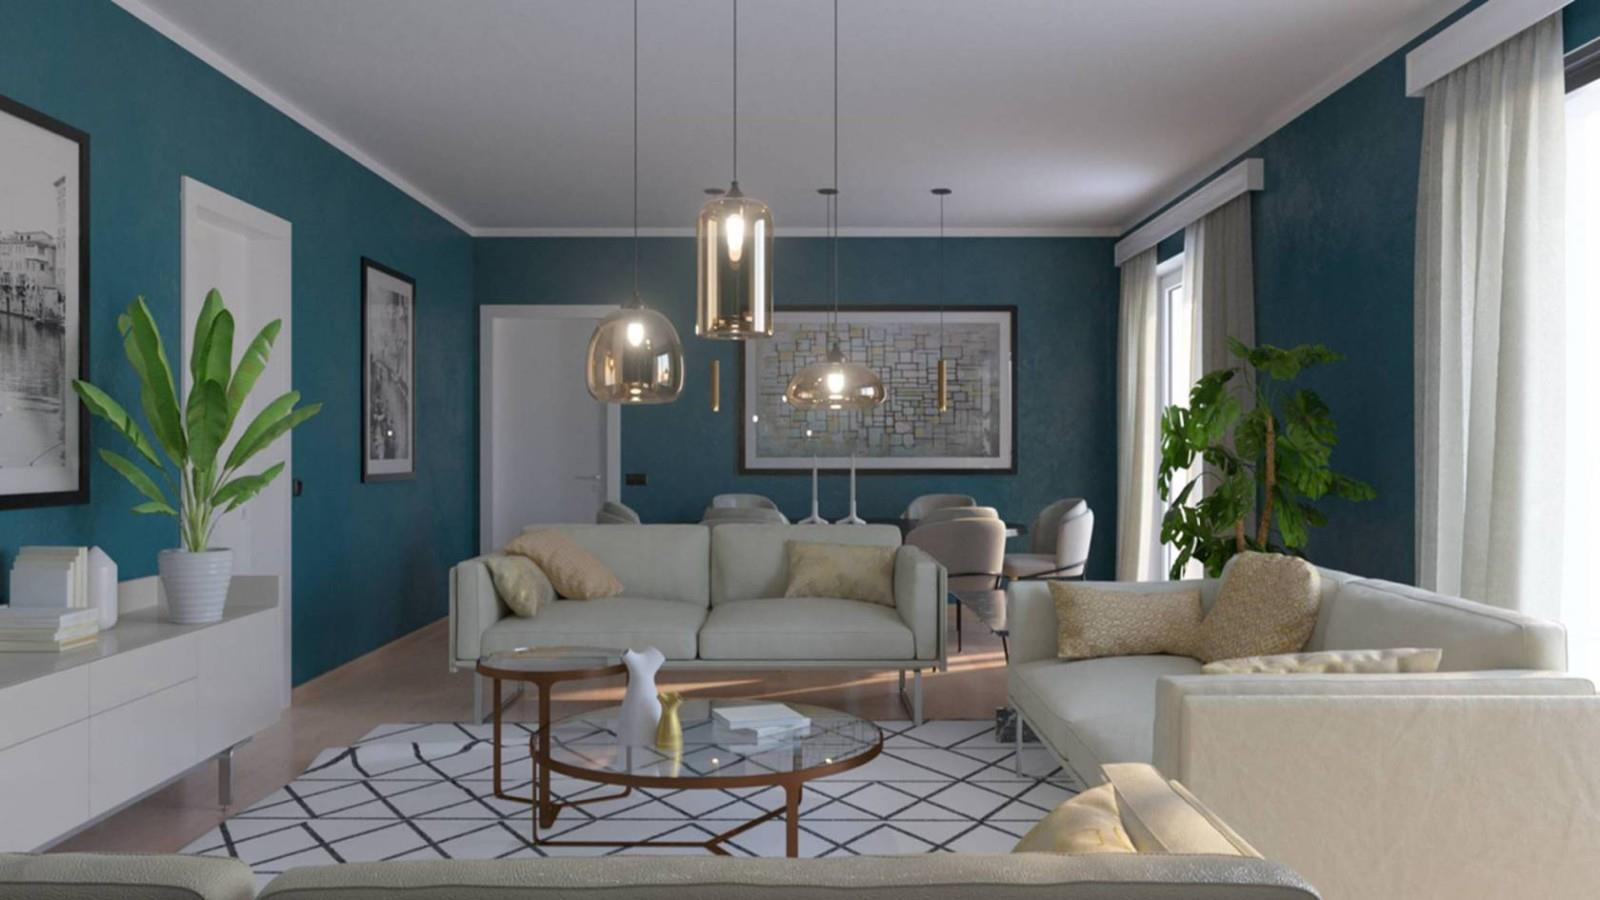 Foto 7 - Appartamento in Vendita - Monza, Zona Regina Pacis